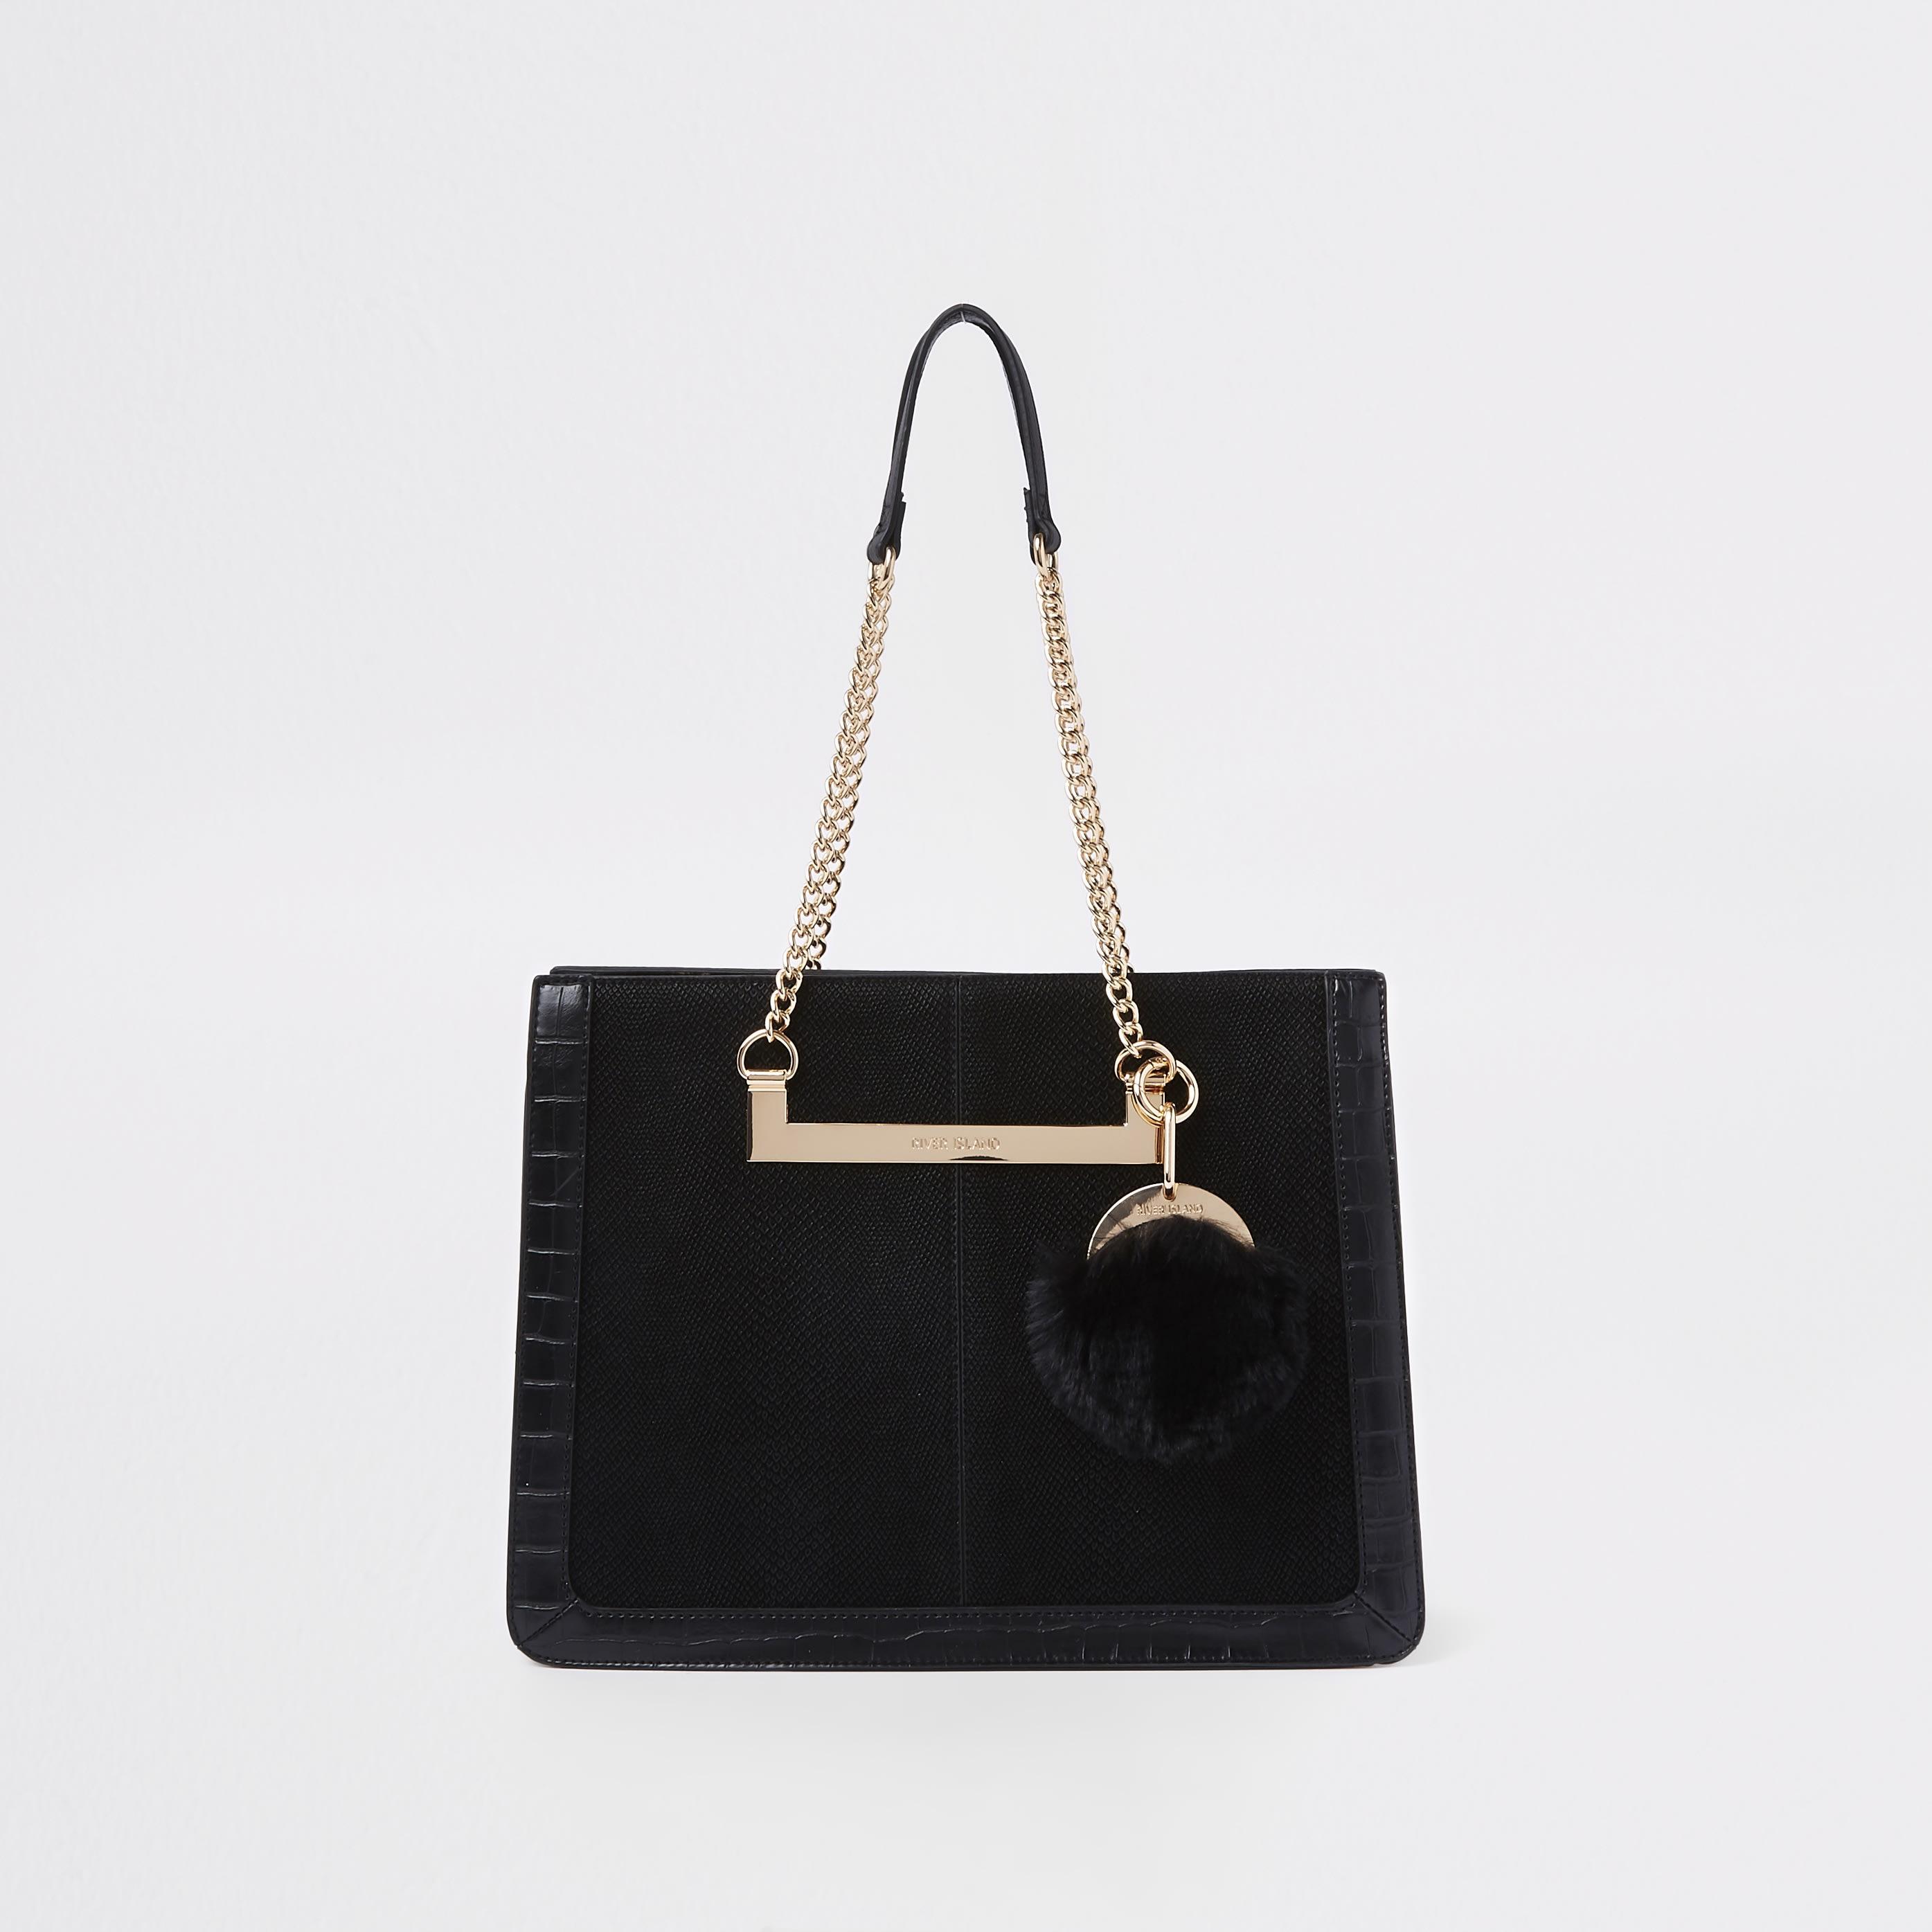 RIVER ISLAND | Womens Black chain handle pom pom tote bag | Goxip